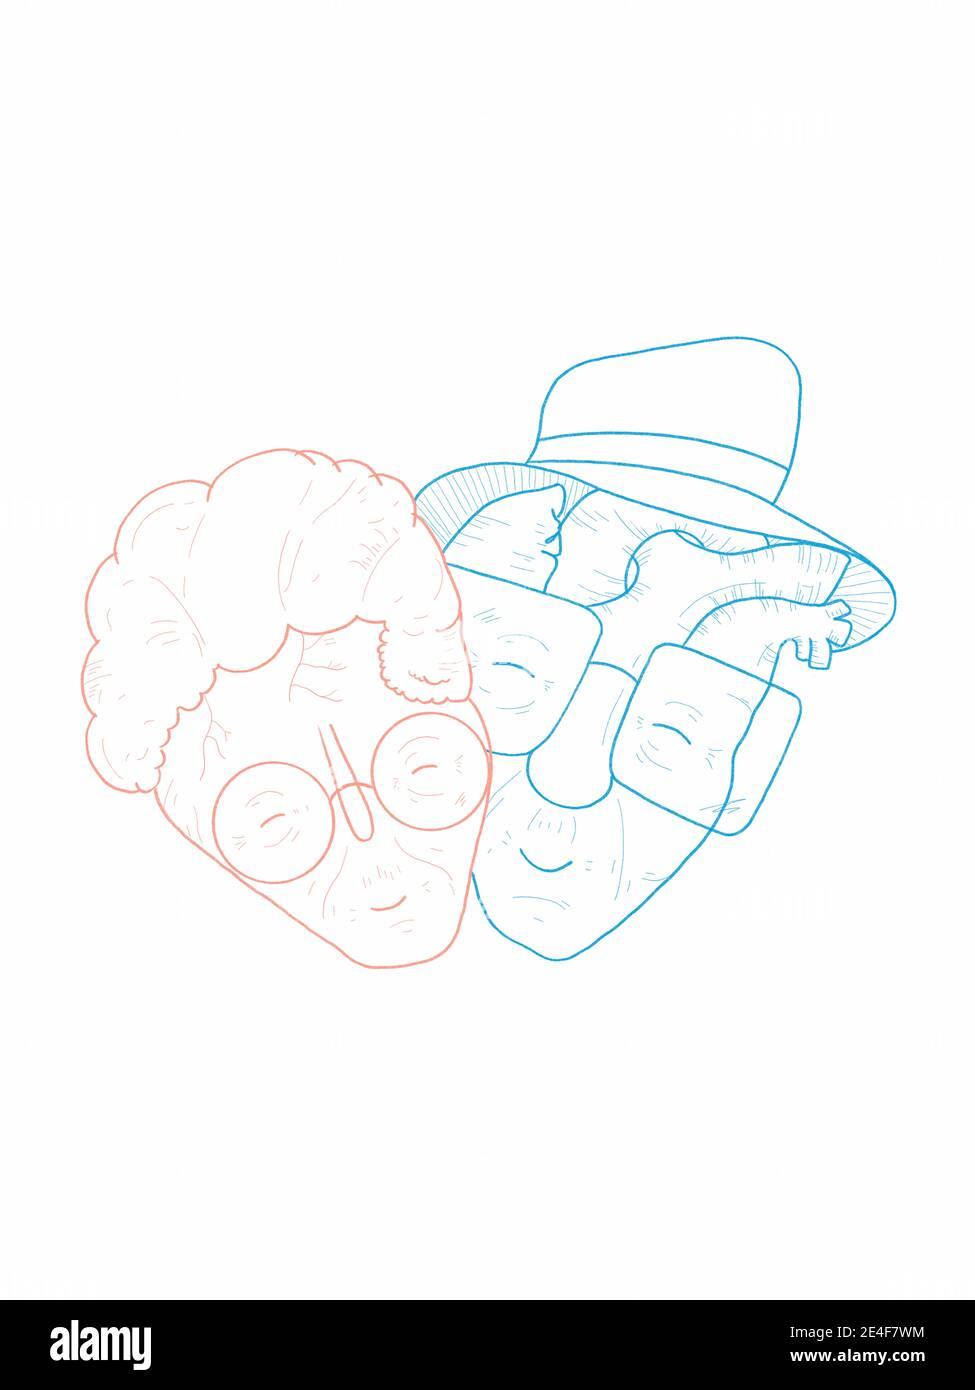 Dibujo a mano de una pareja encantadora y vieja de corazón y cerebro Foto de stock